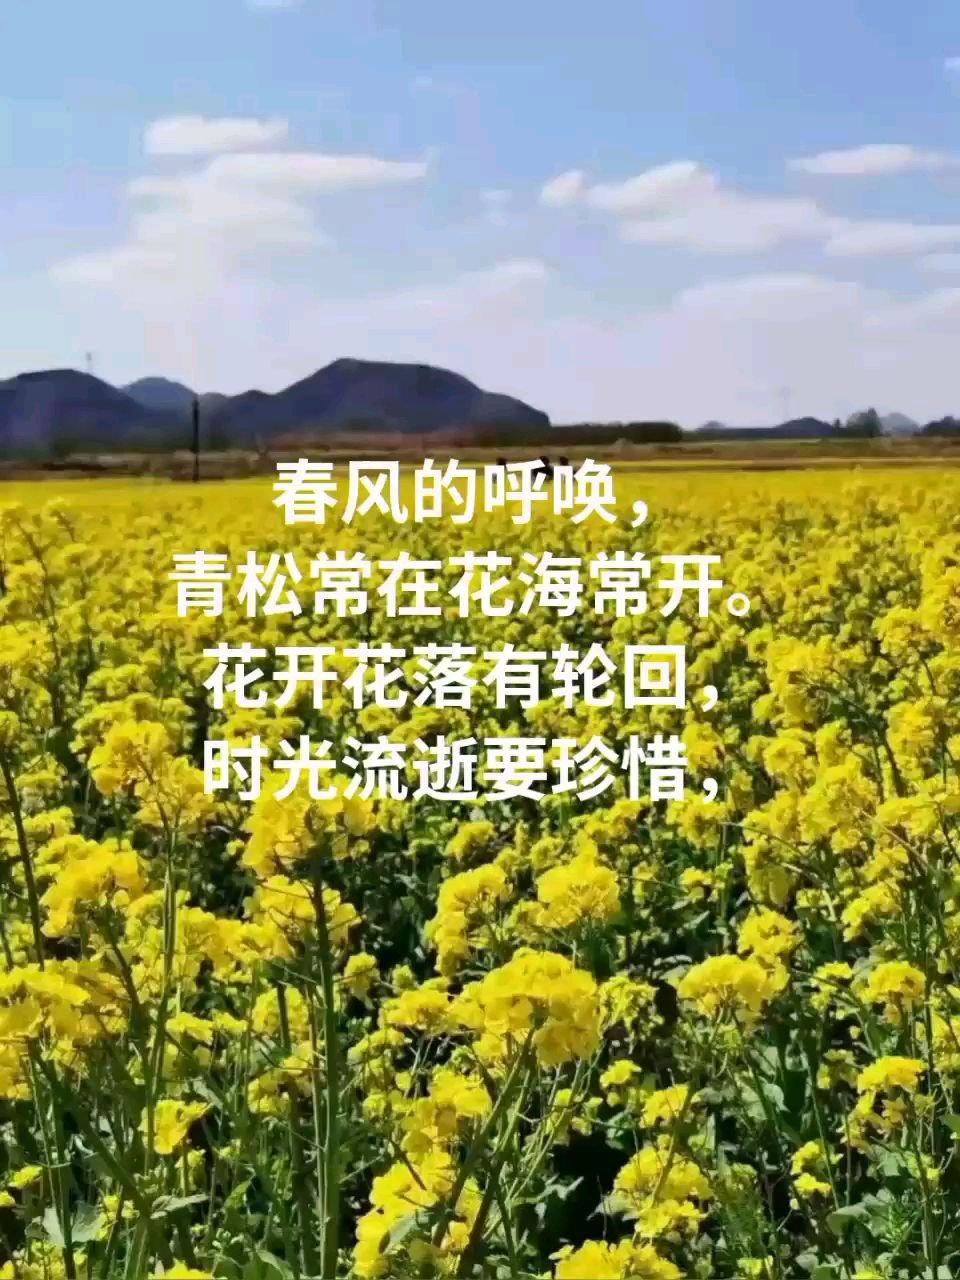 春风【嘀~】呼唤, 青松常在花海常开。 花开花落有轮回, 时光流逝要珍惜,